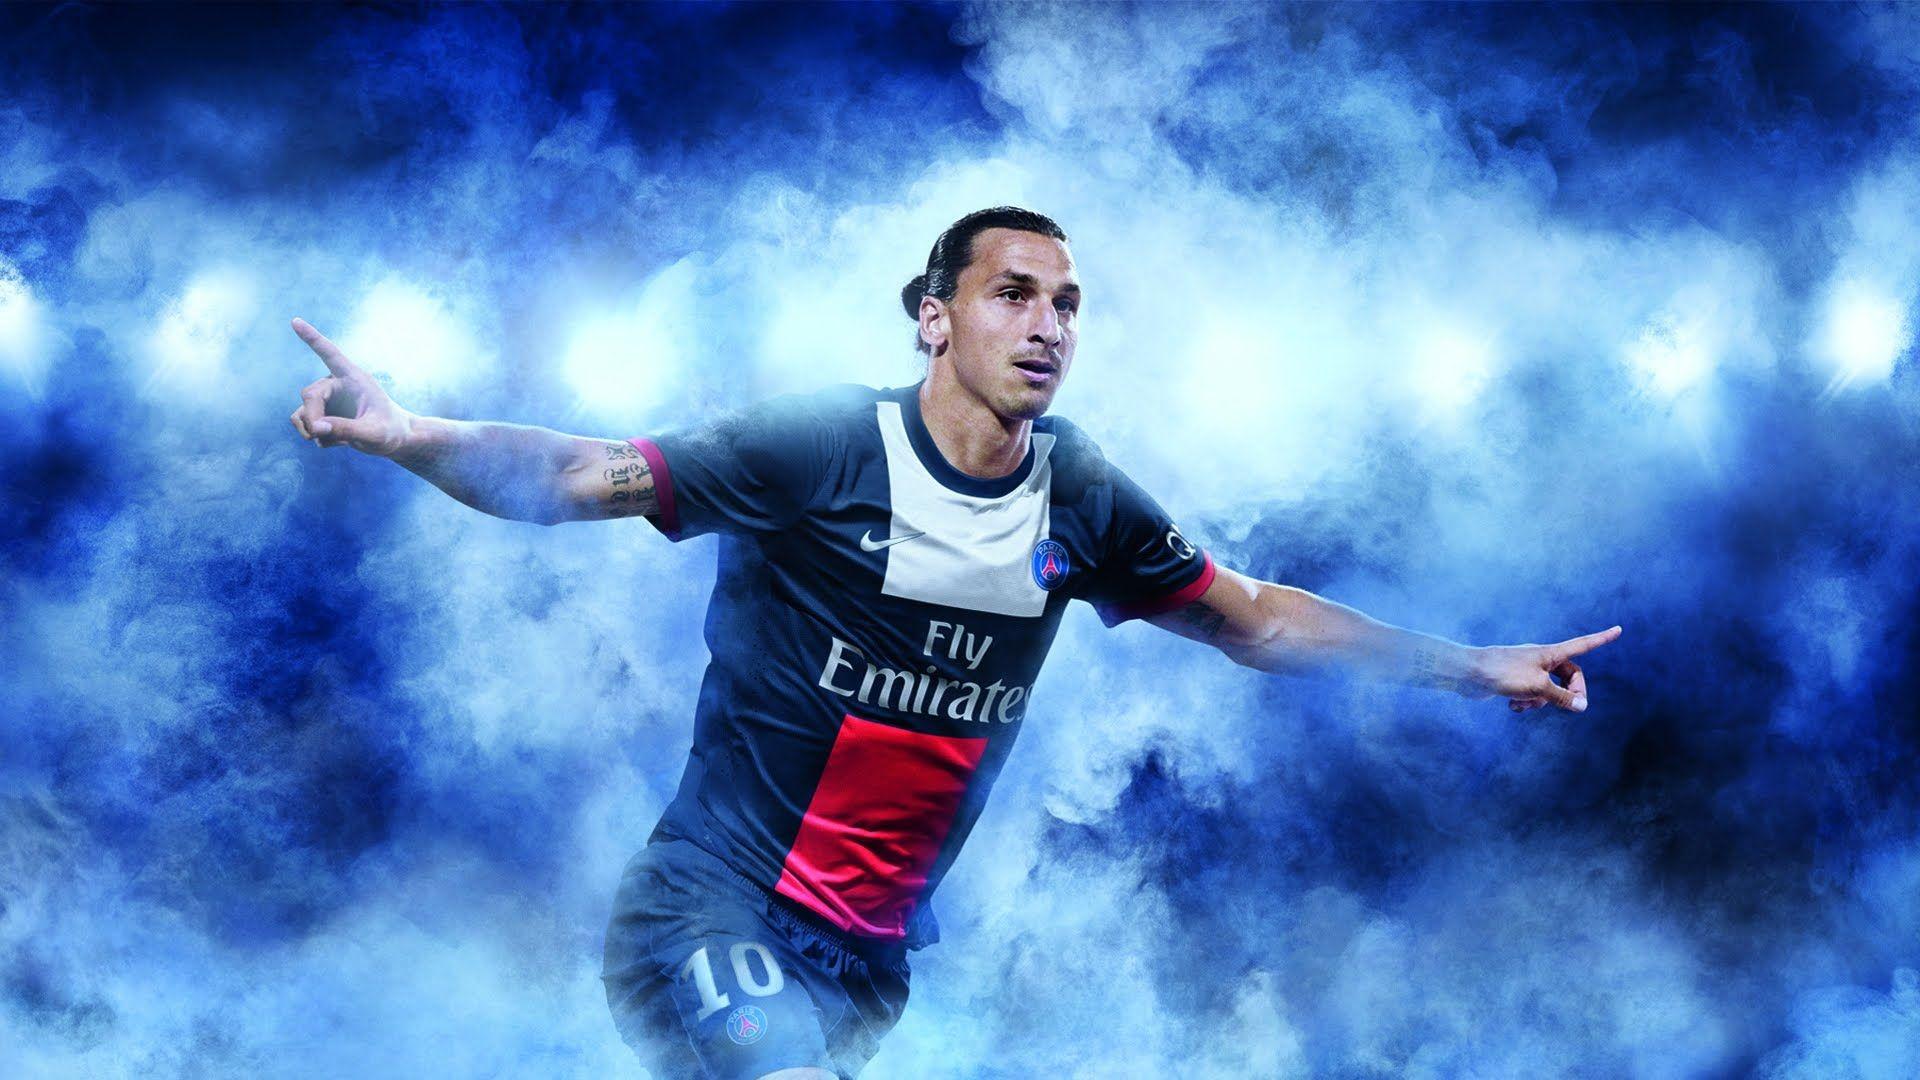 Zlatan Ibrahimovic gets nutmegged Good soccer players